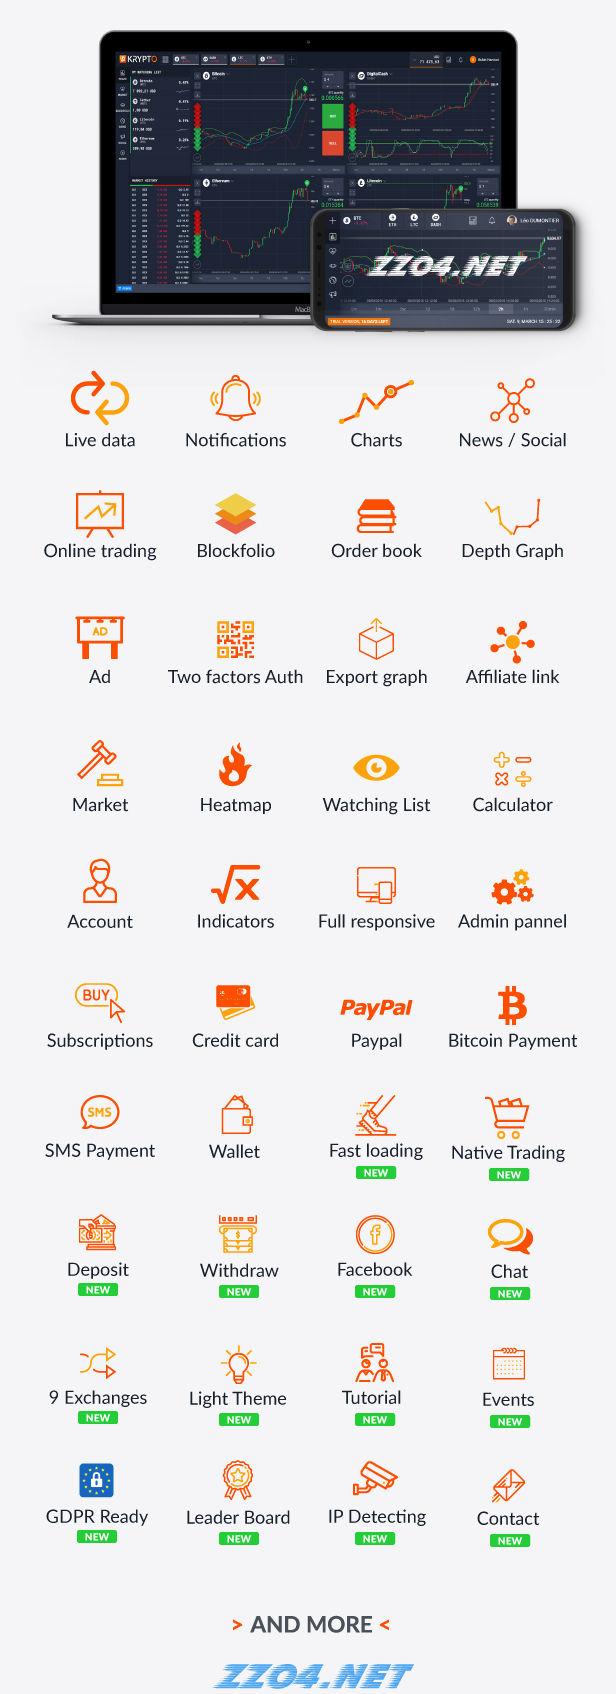 Krypto v3.0 - PHP在线加密货币购买交易平台 转自顶点网